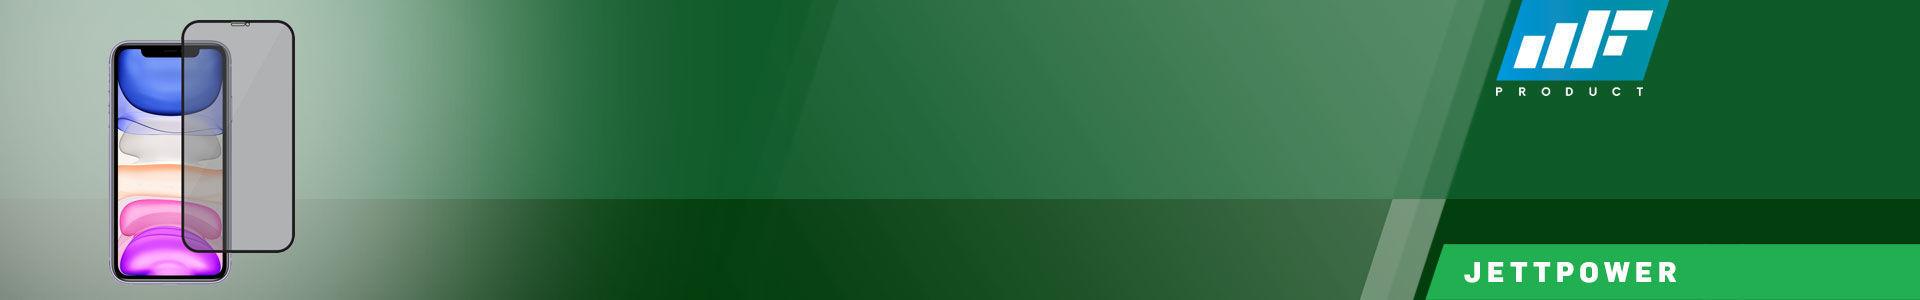 MF Product Jettpower 0381 2.5D Renkli Ekran Koruyucu Cam iPhone Xr/11 için en iyi fiyatı buldun!